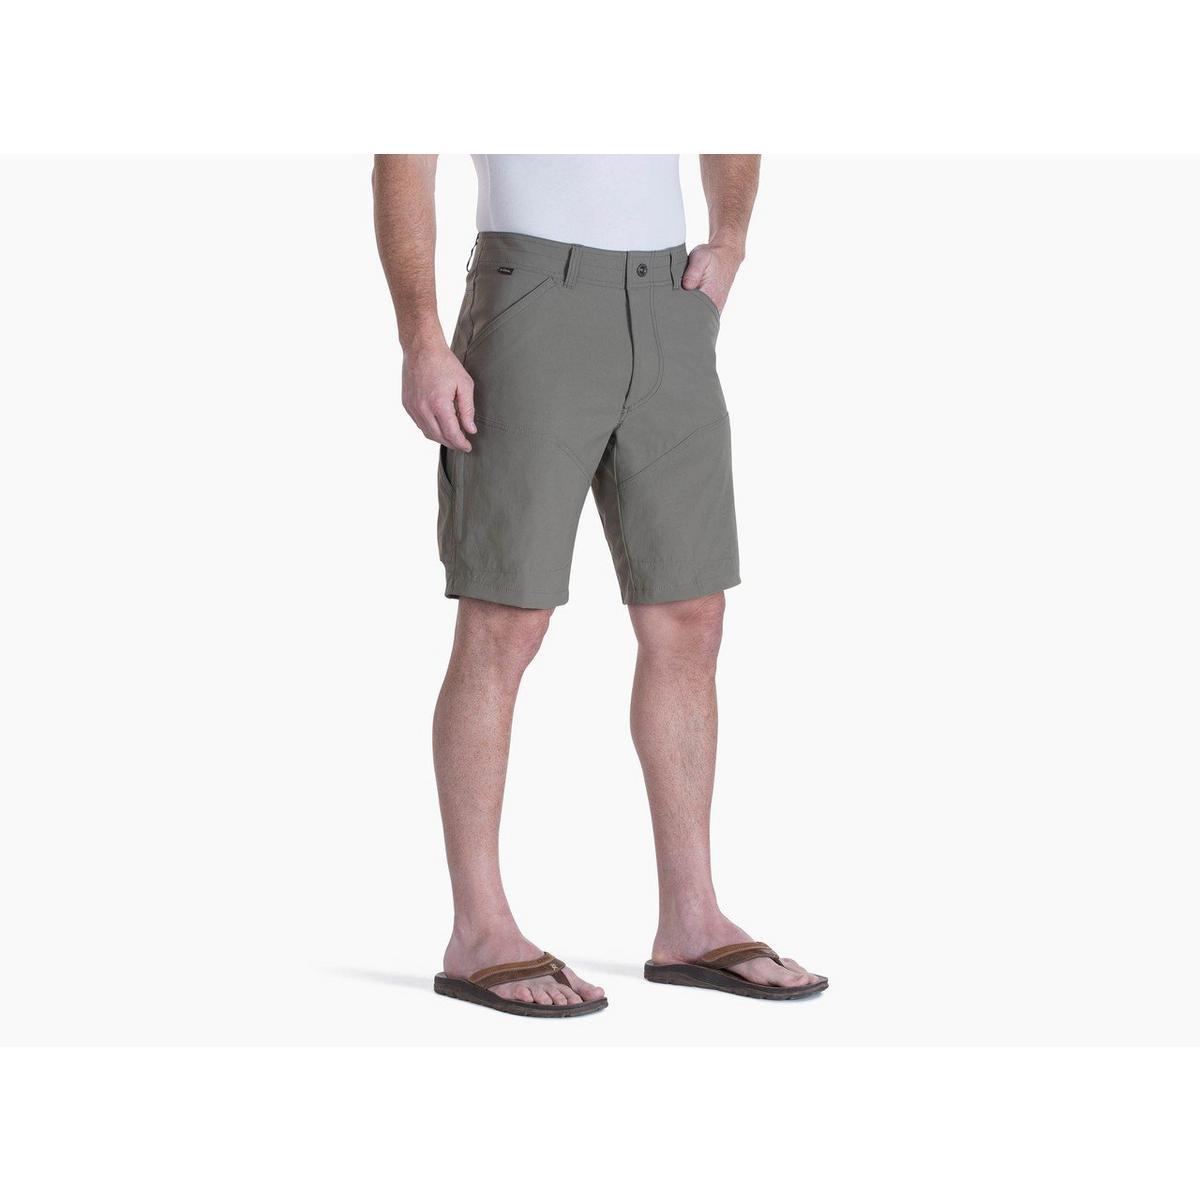 """Kuhl Shorts Men's Renegade 12"""" Inseam - Koal"""